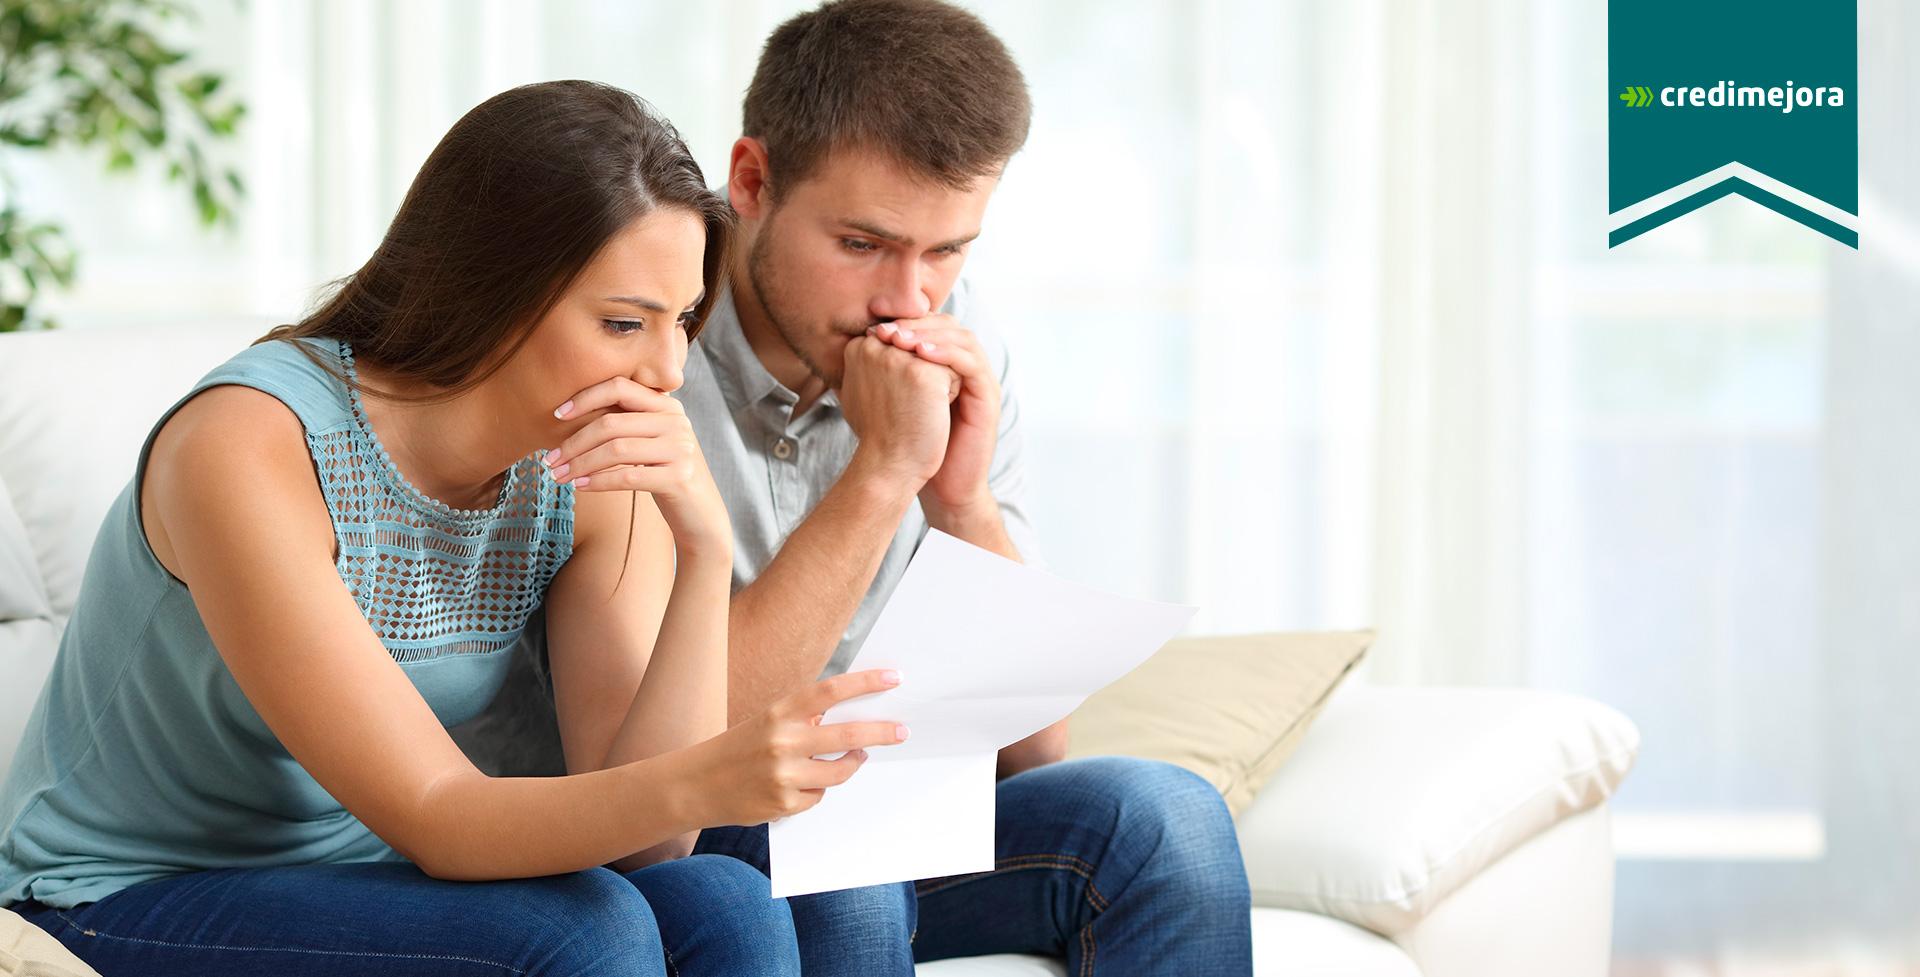 Resuelve tus emergencias sin afectar tus finanzas personales | Credimejora